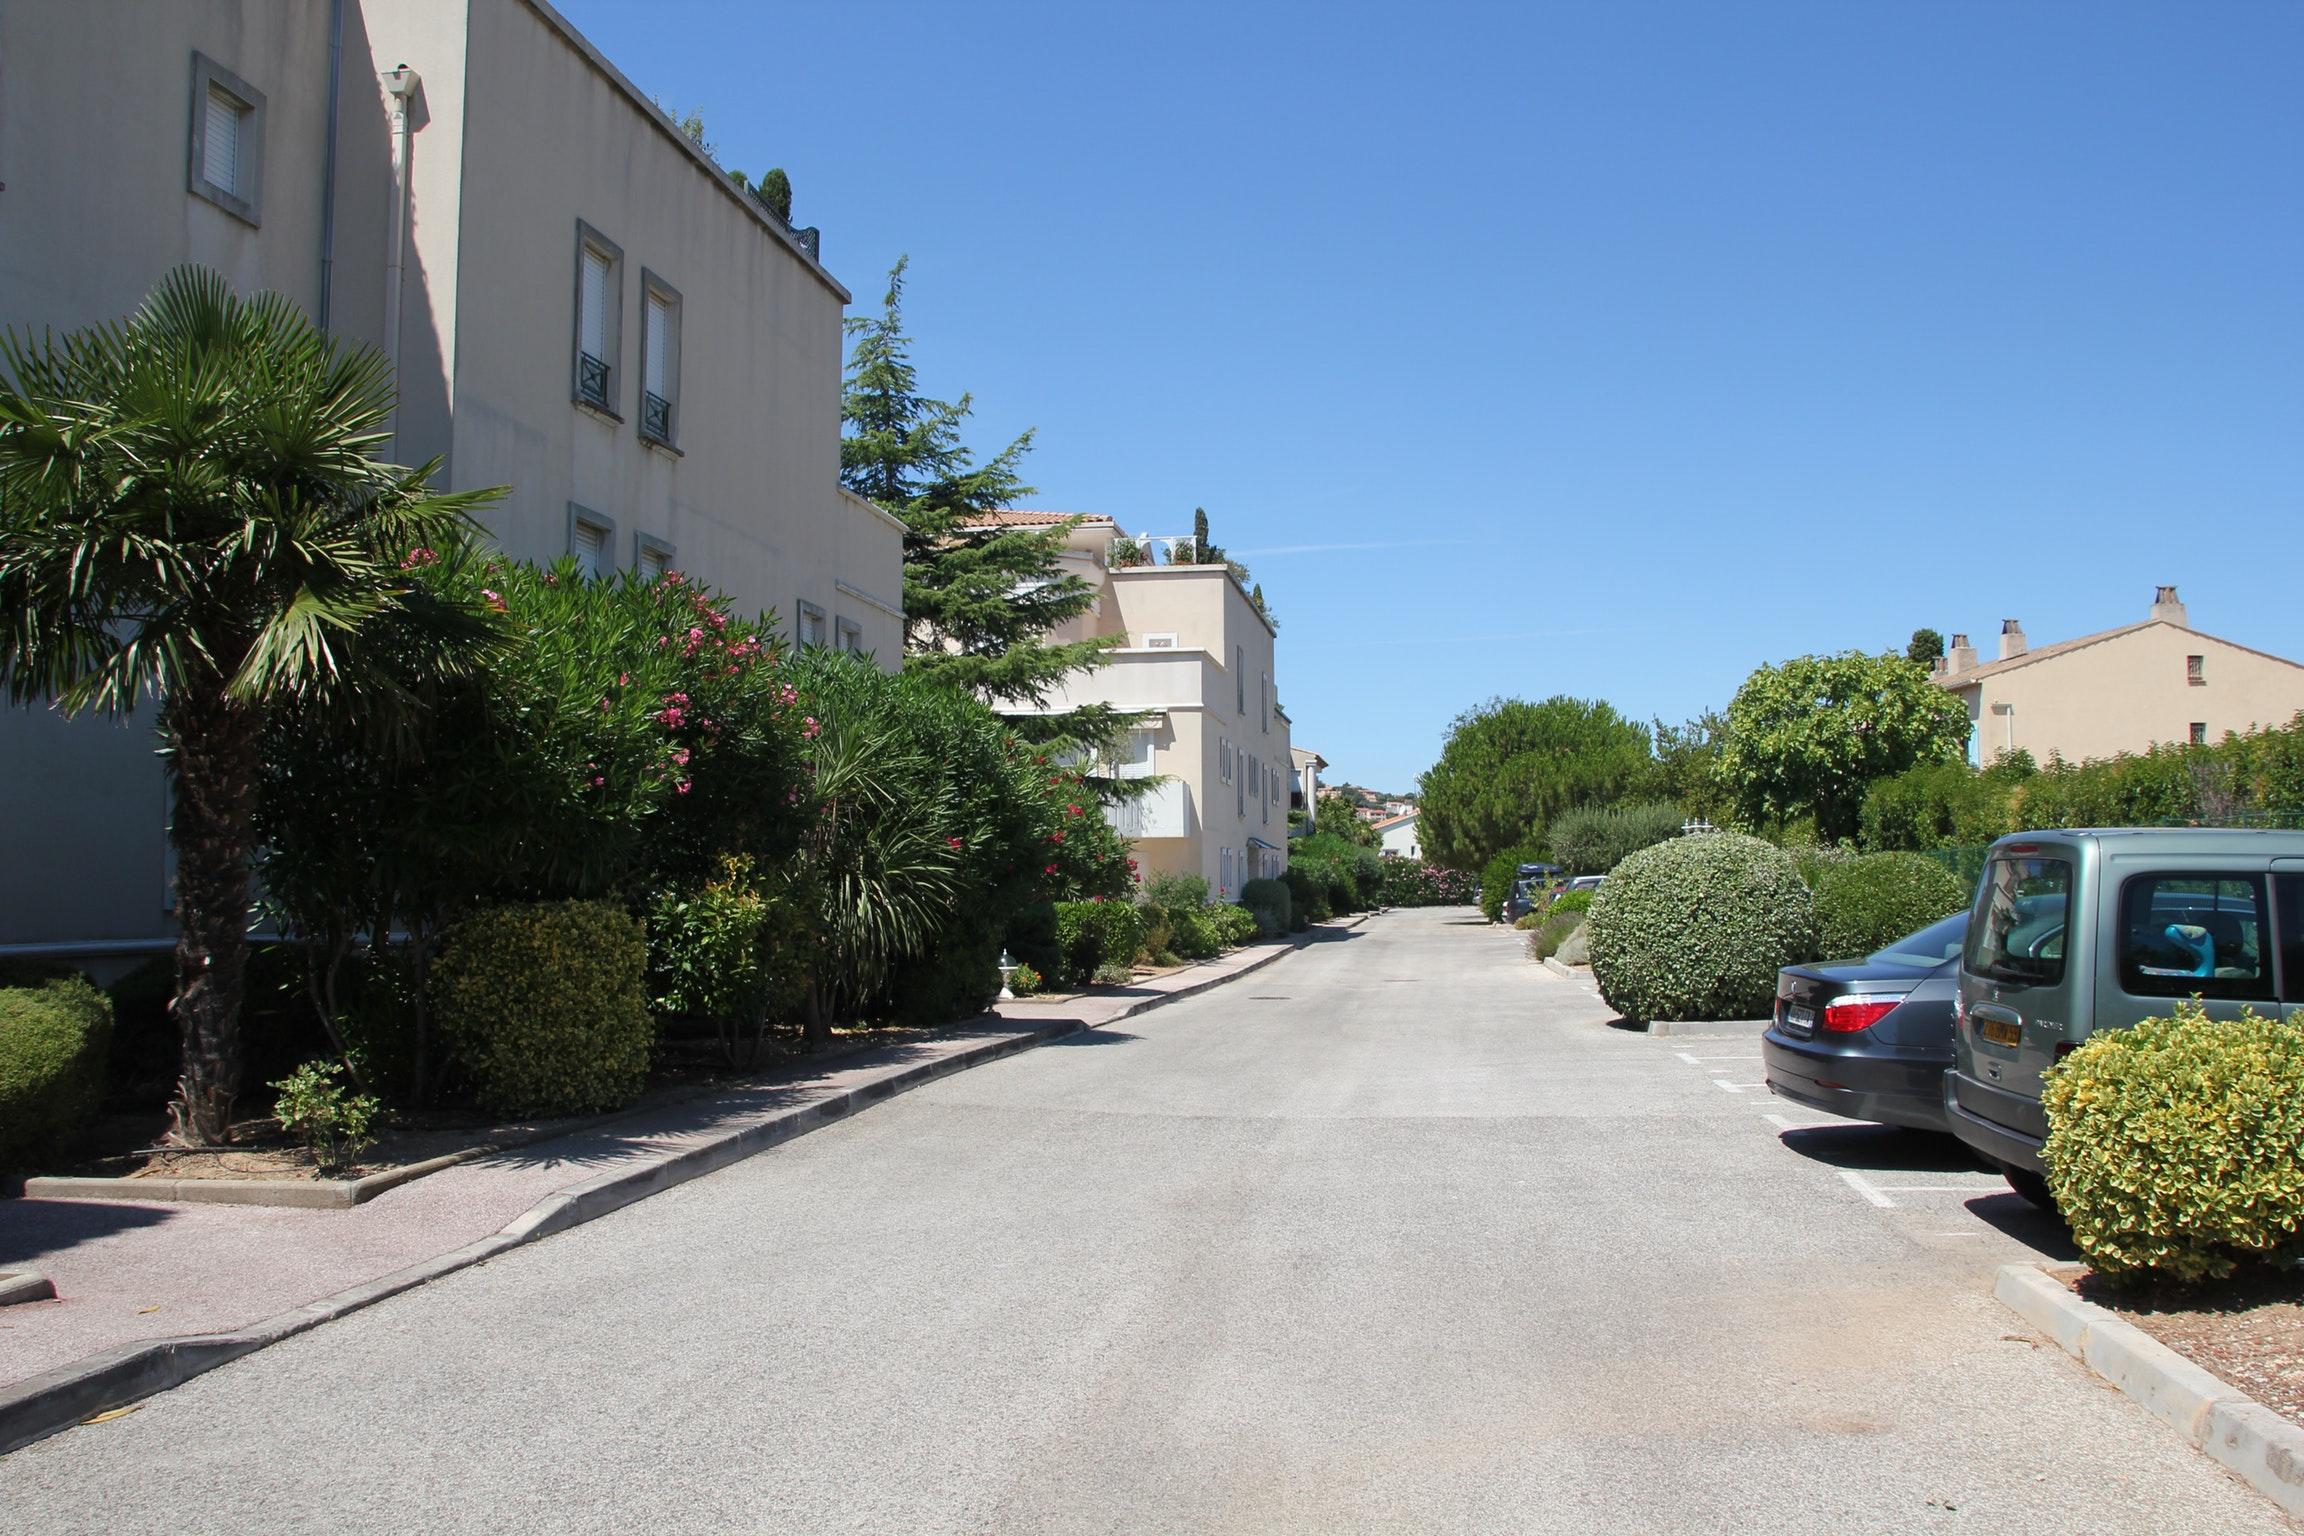 Appartement de vacances Wohnung mit einem Schlafzimmer in Carqueiranne mit Pool, eingezäuntem Garten und W-LAN - 7 (2231381), Carqueiranne, Côte d'Azur, Provence - Alpes - Côte d'Azur, France, image 16